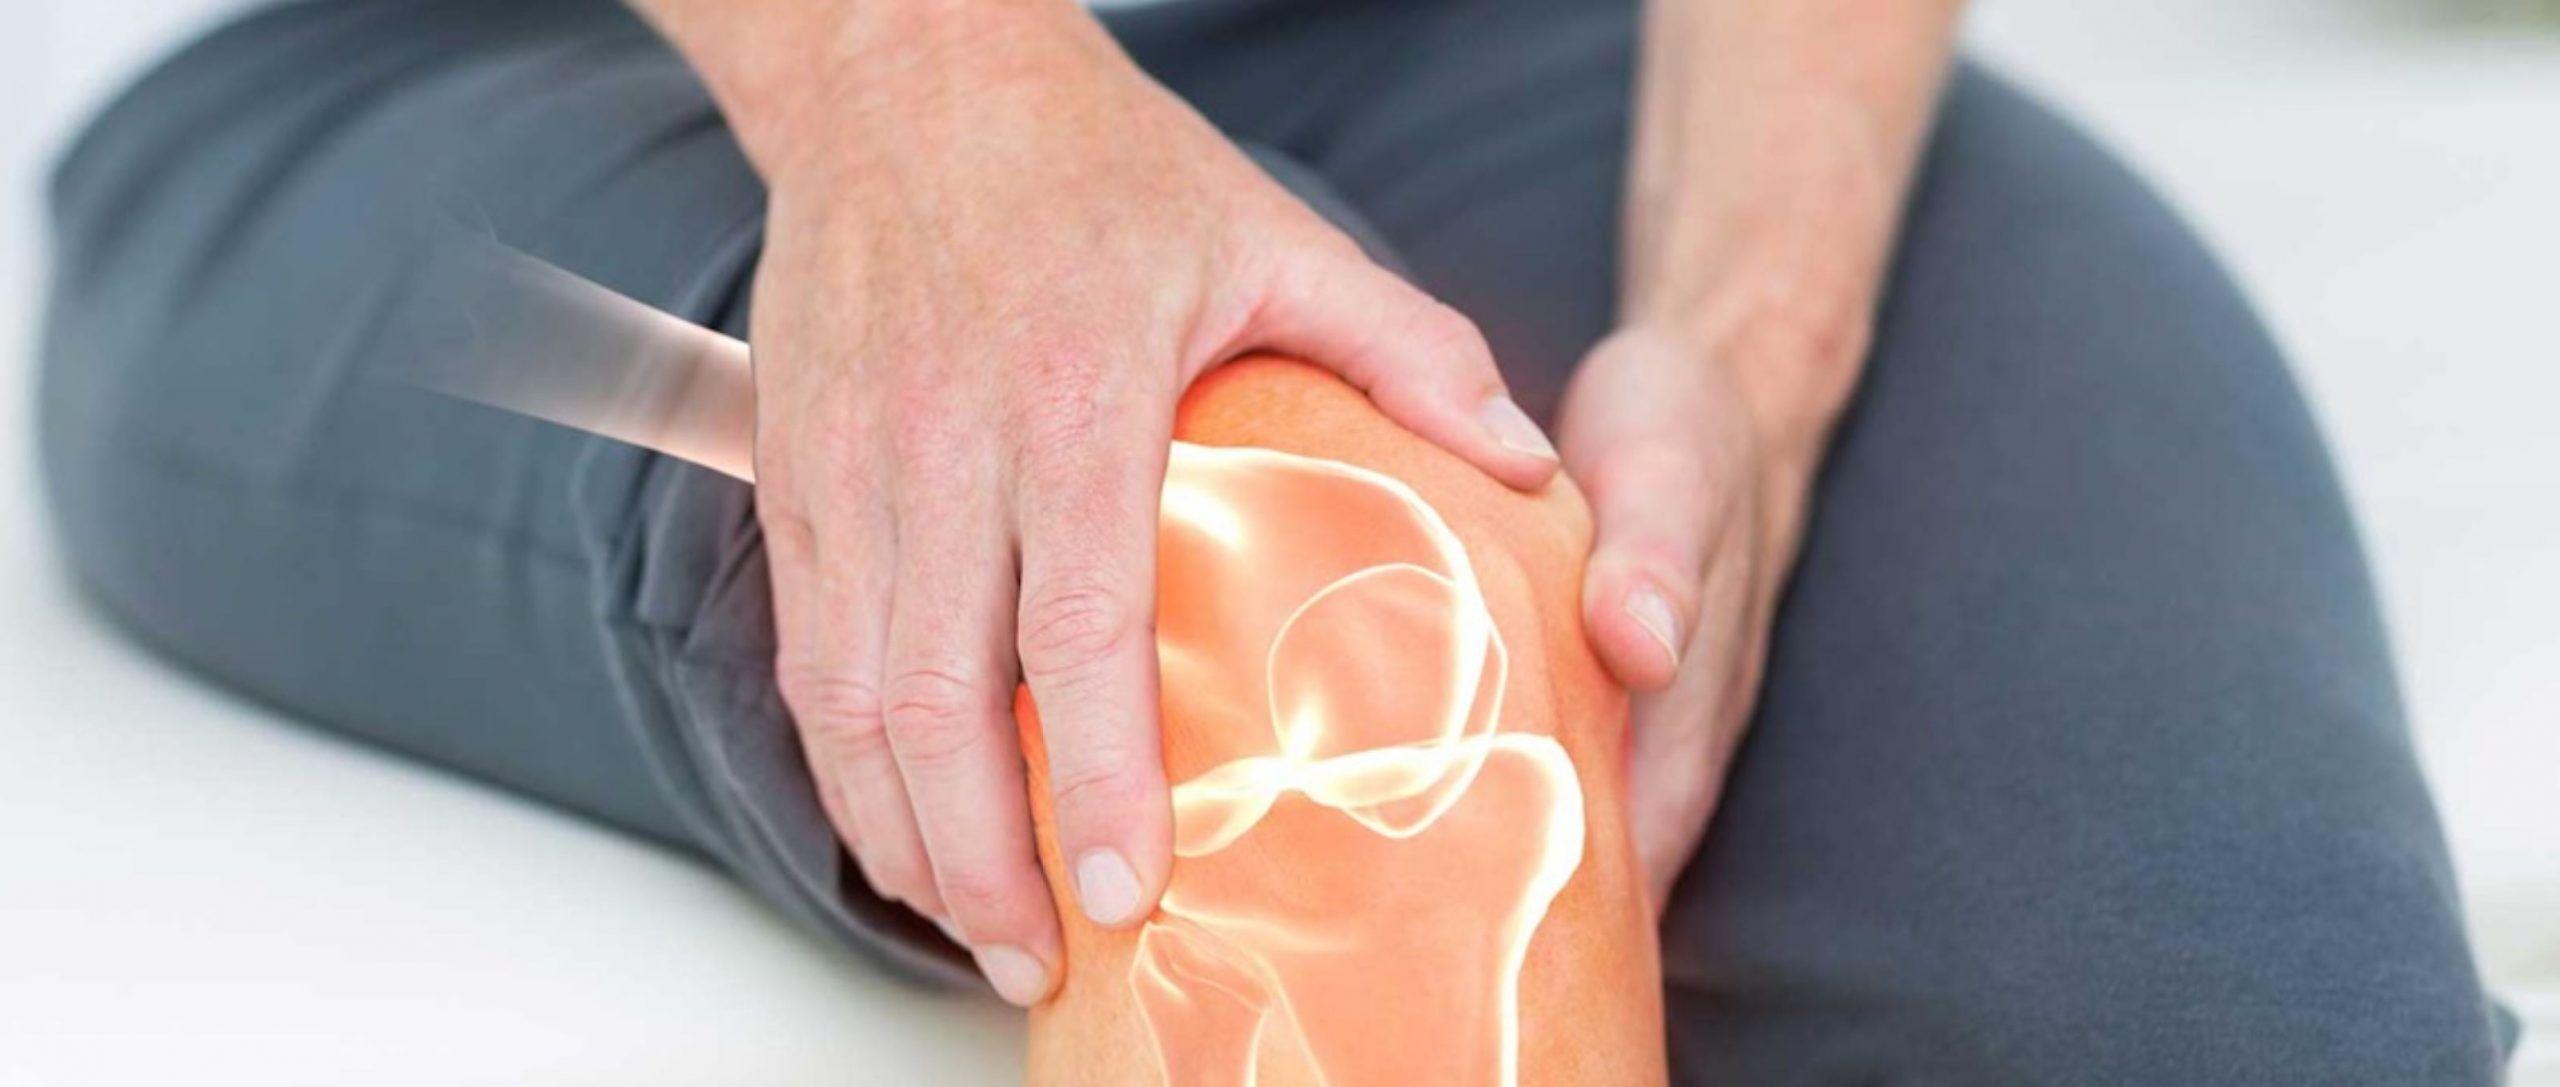 artroza genunchiului pentru vârstnici